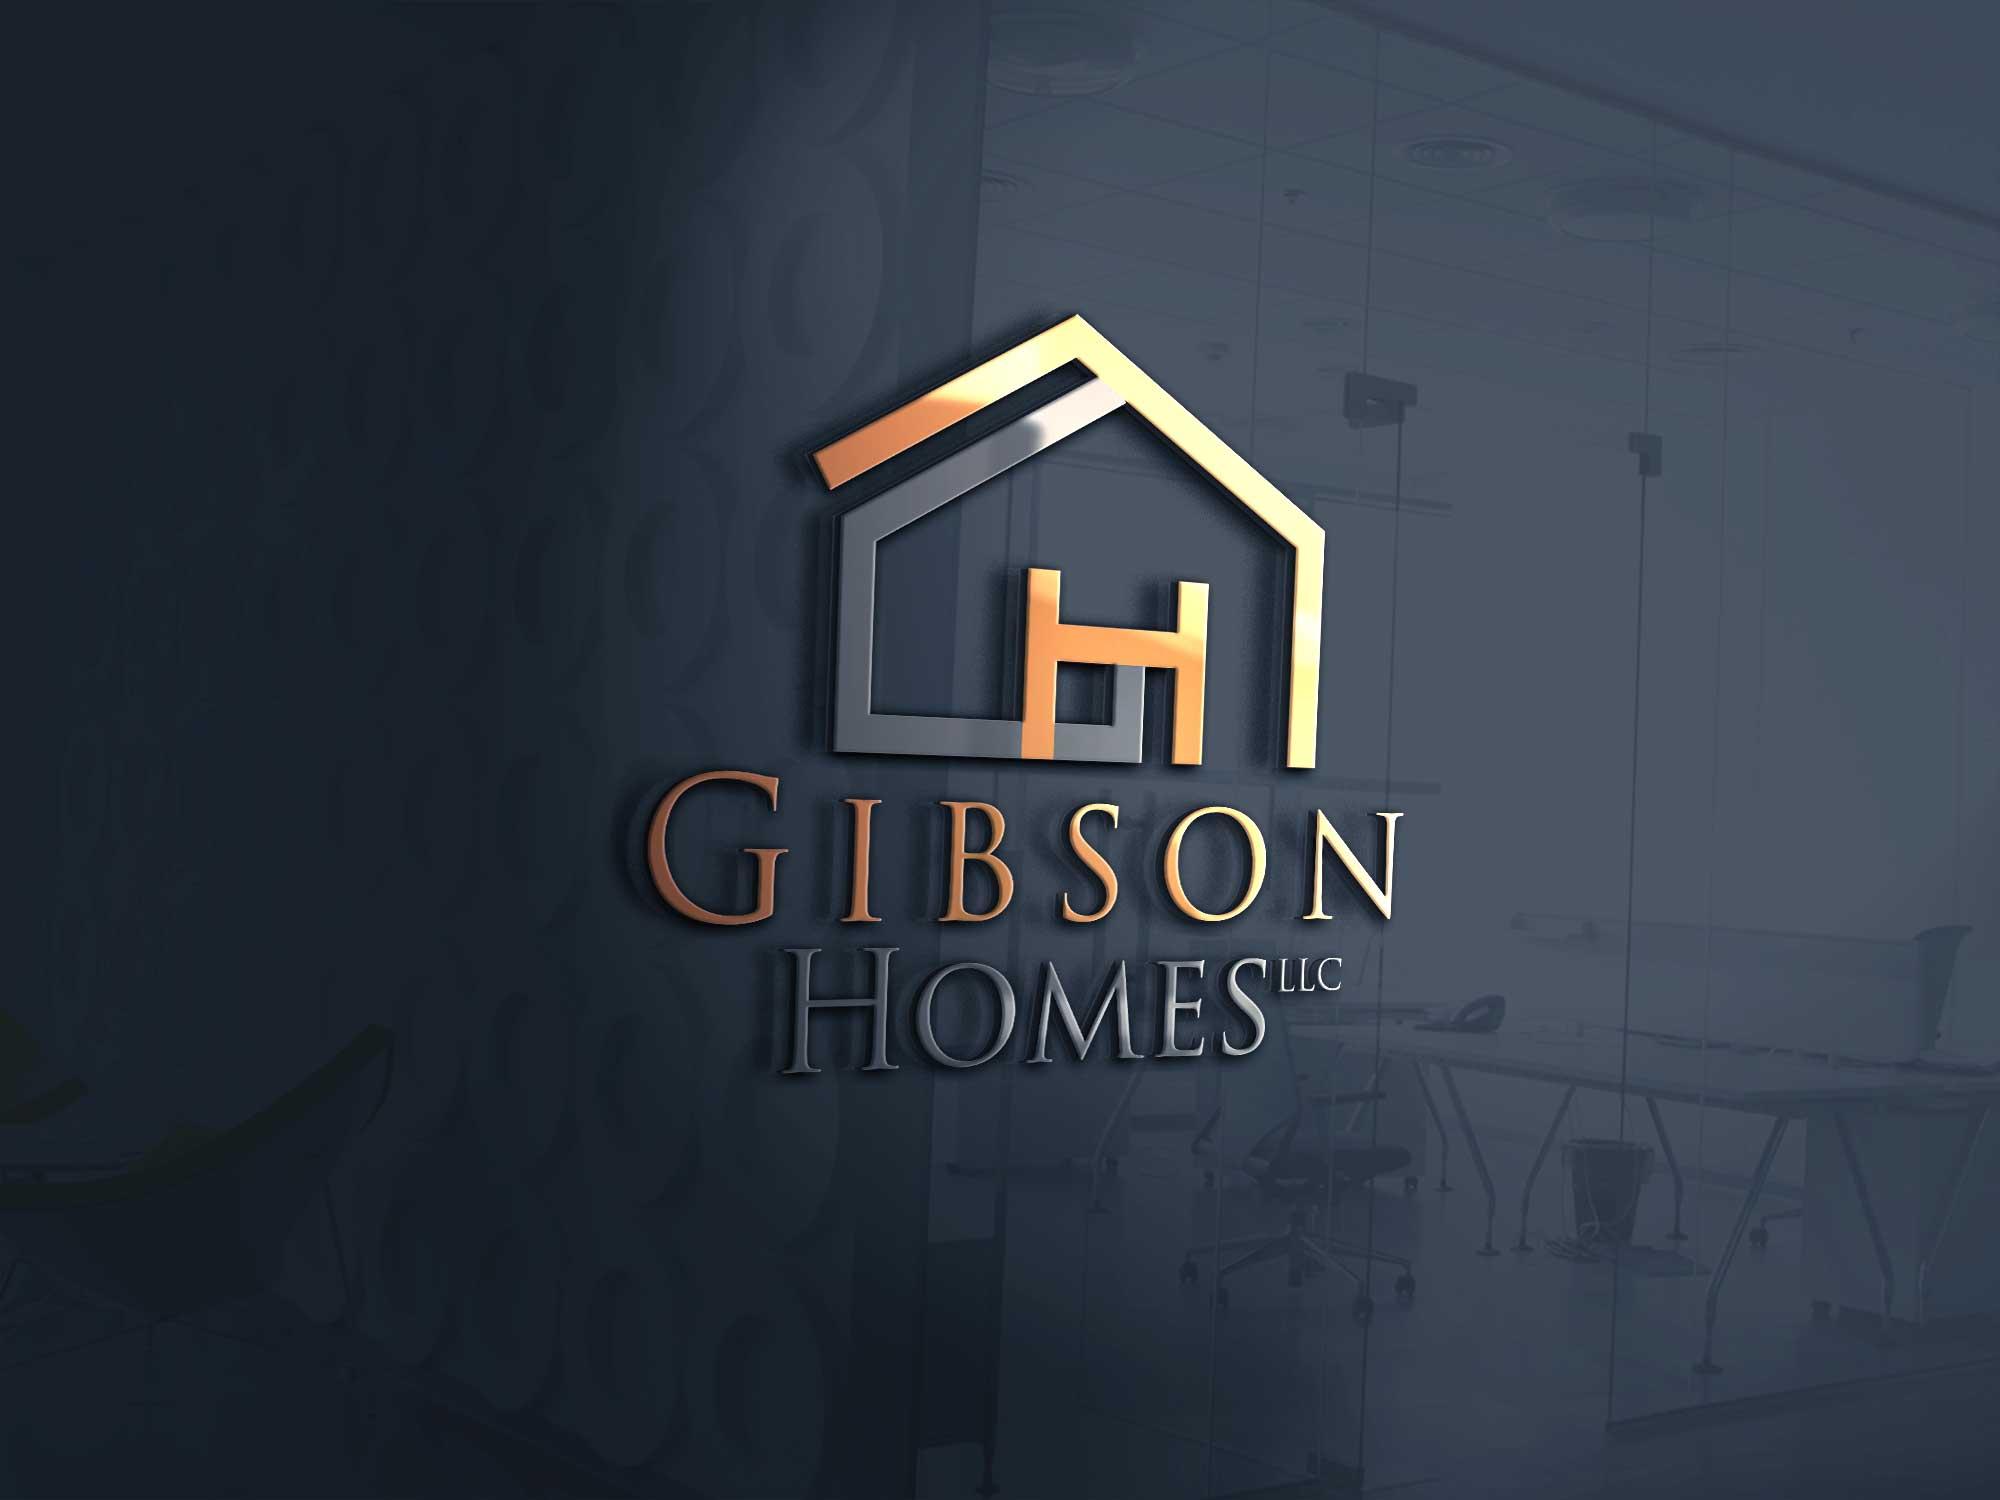 Design awsome logo for your business